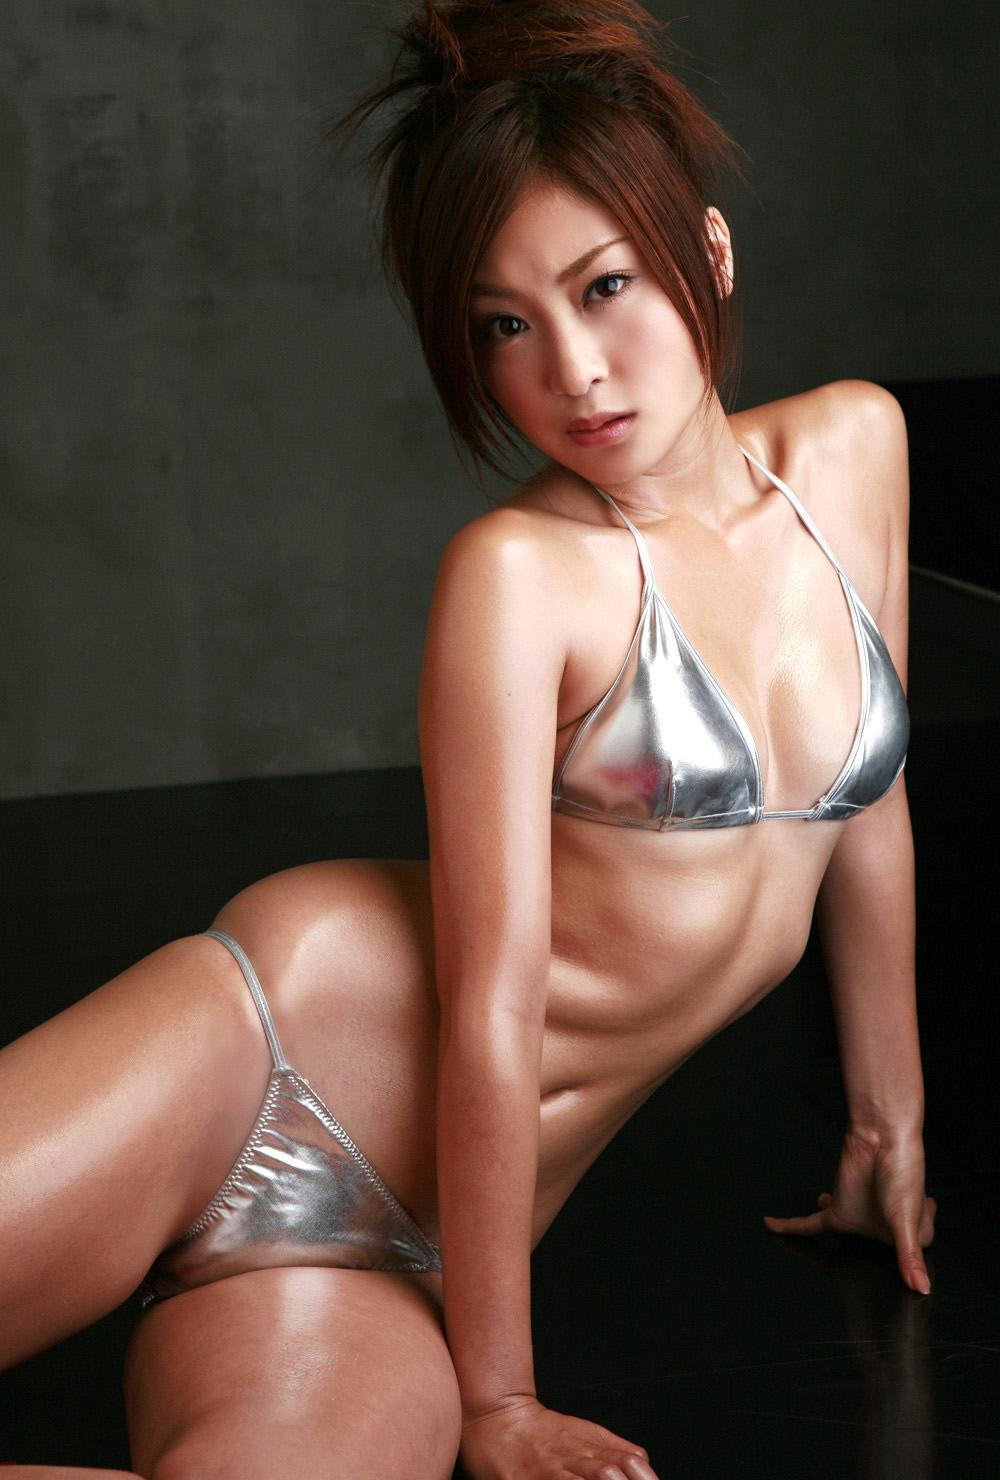 辰巳奈都子 画像 掲示板 96